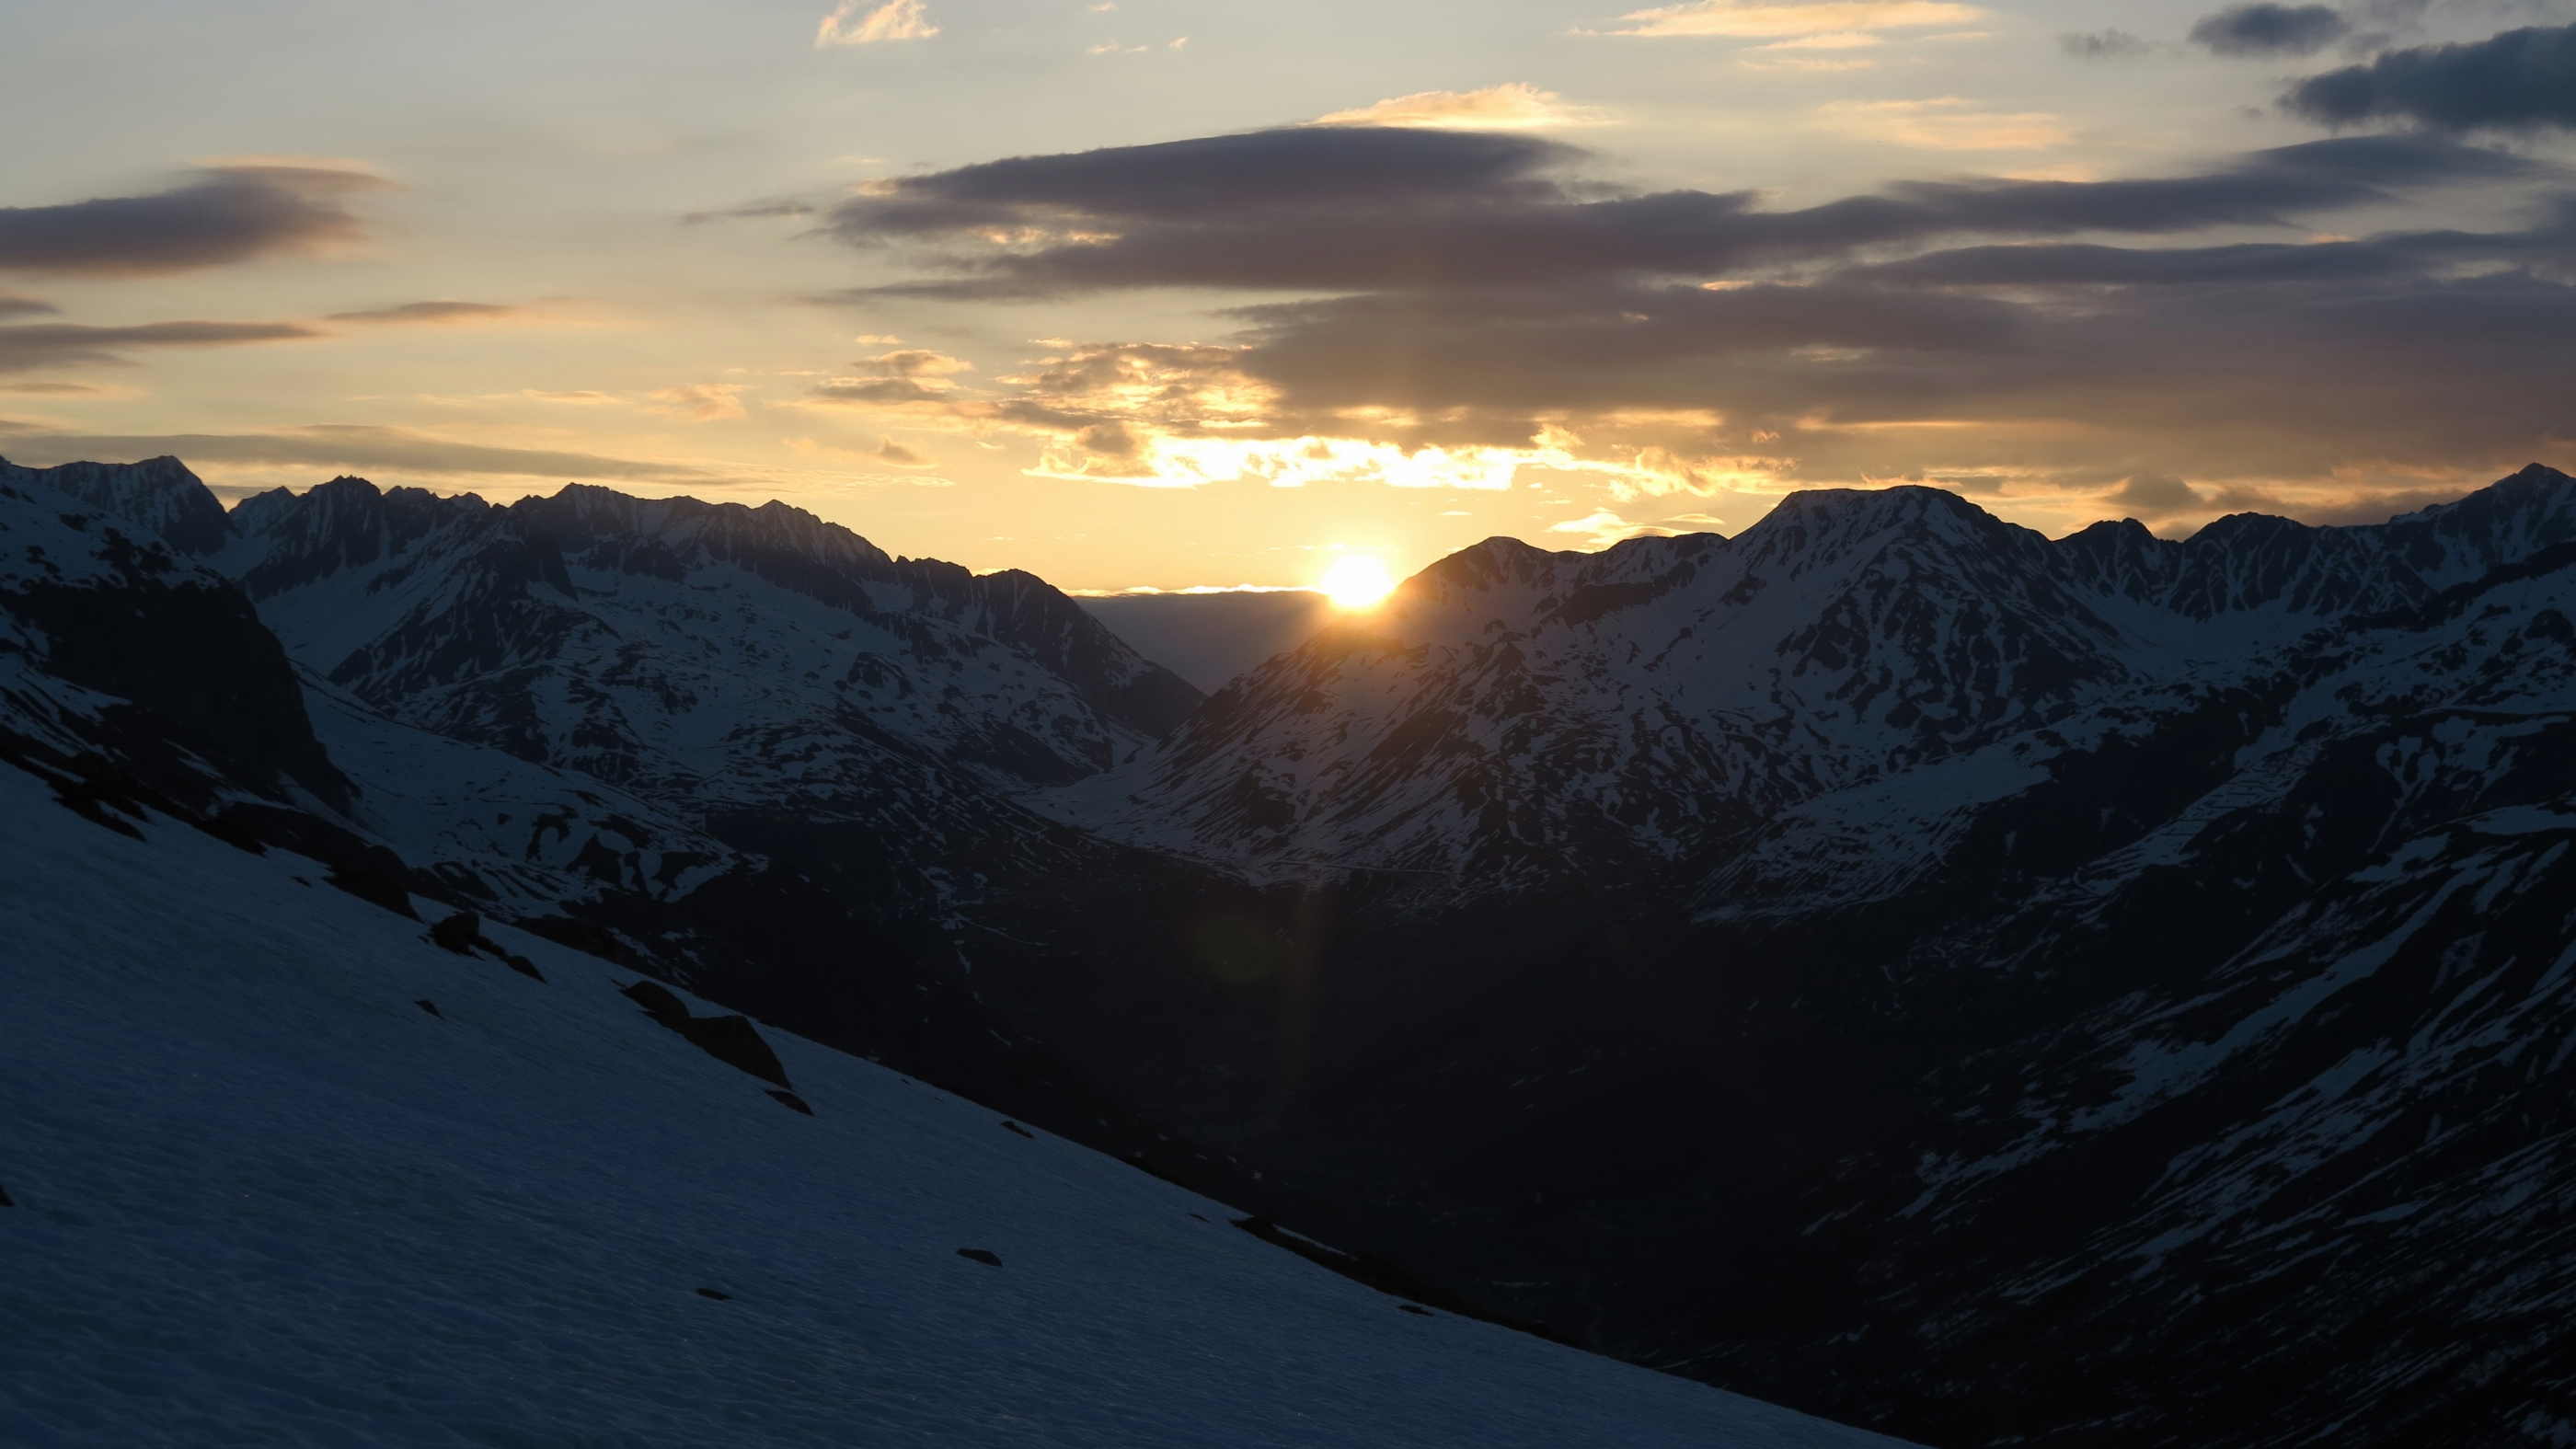 Wer im Frühsommer auf Skitouren geht, wird für den kurzen Schlaf mit schönen Sonnenaufgängen entschädigt.